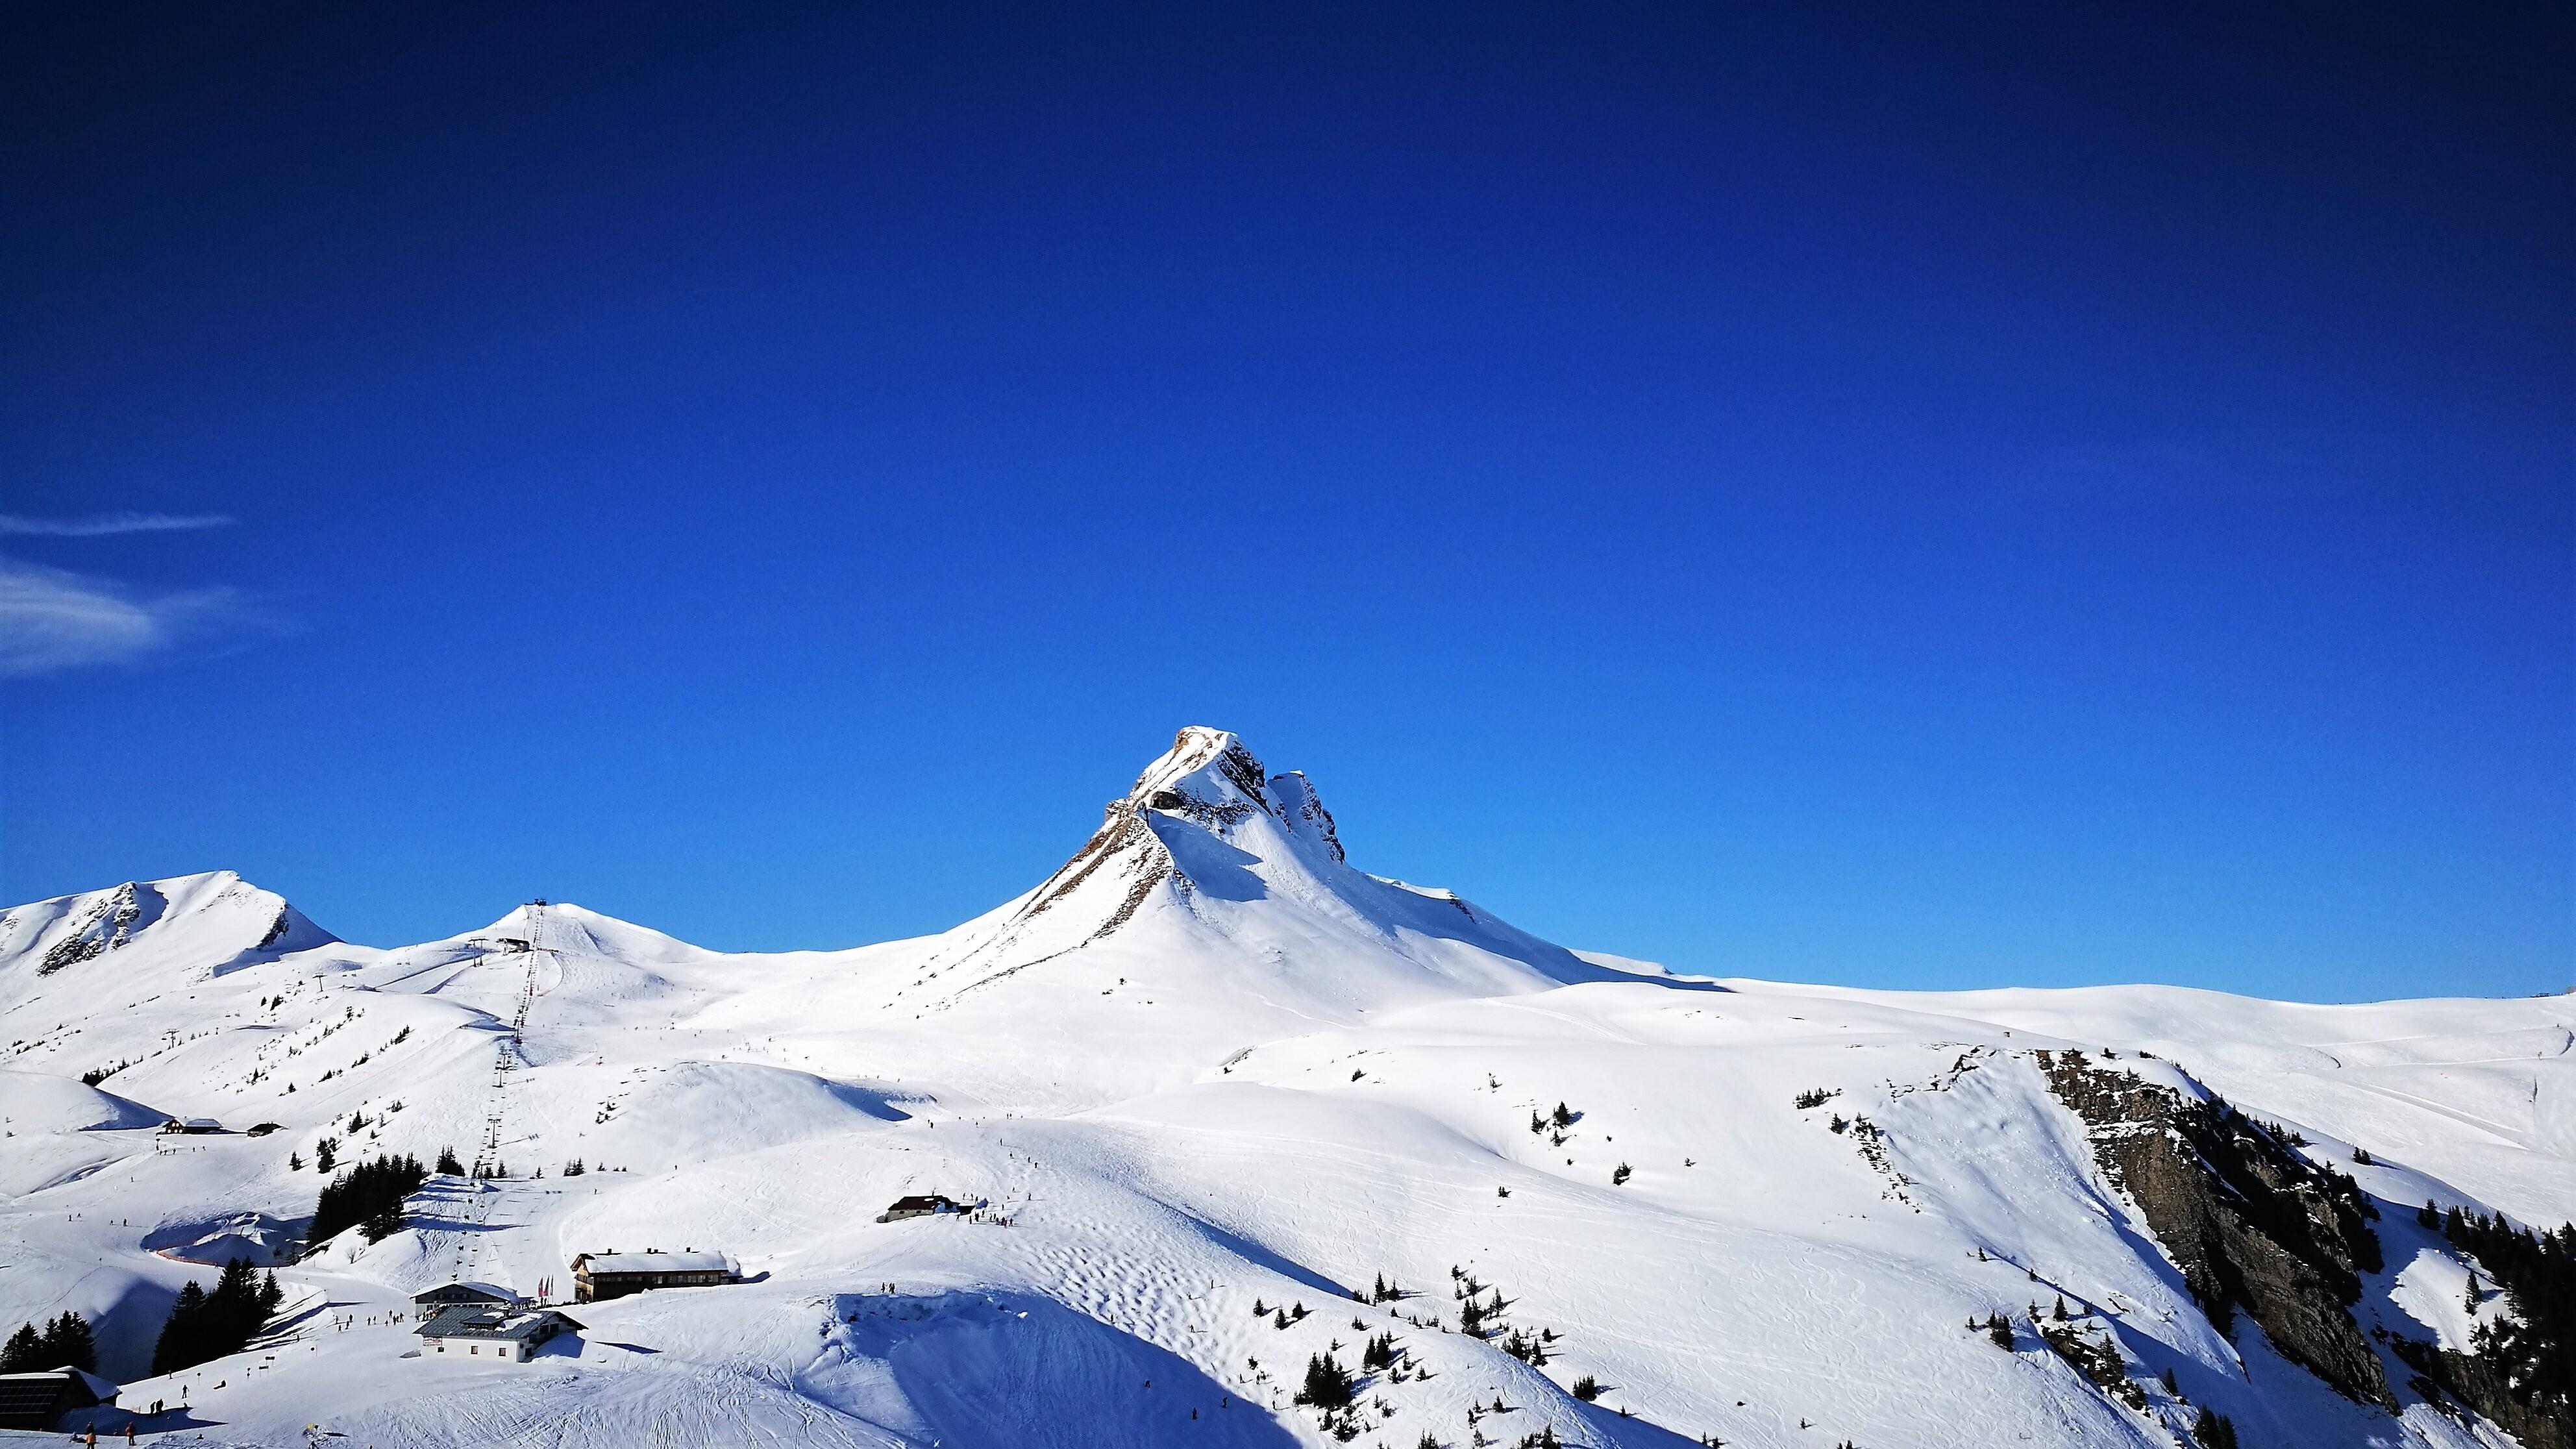 #meintraumtag im Skigebiet Mellau-Damüls-Faschina